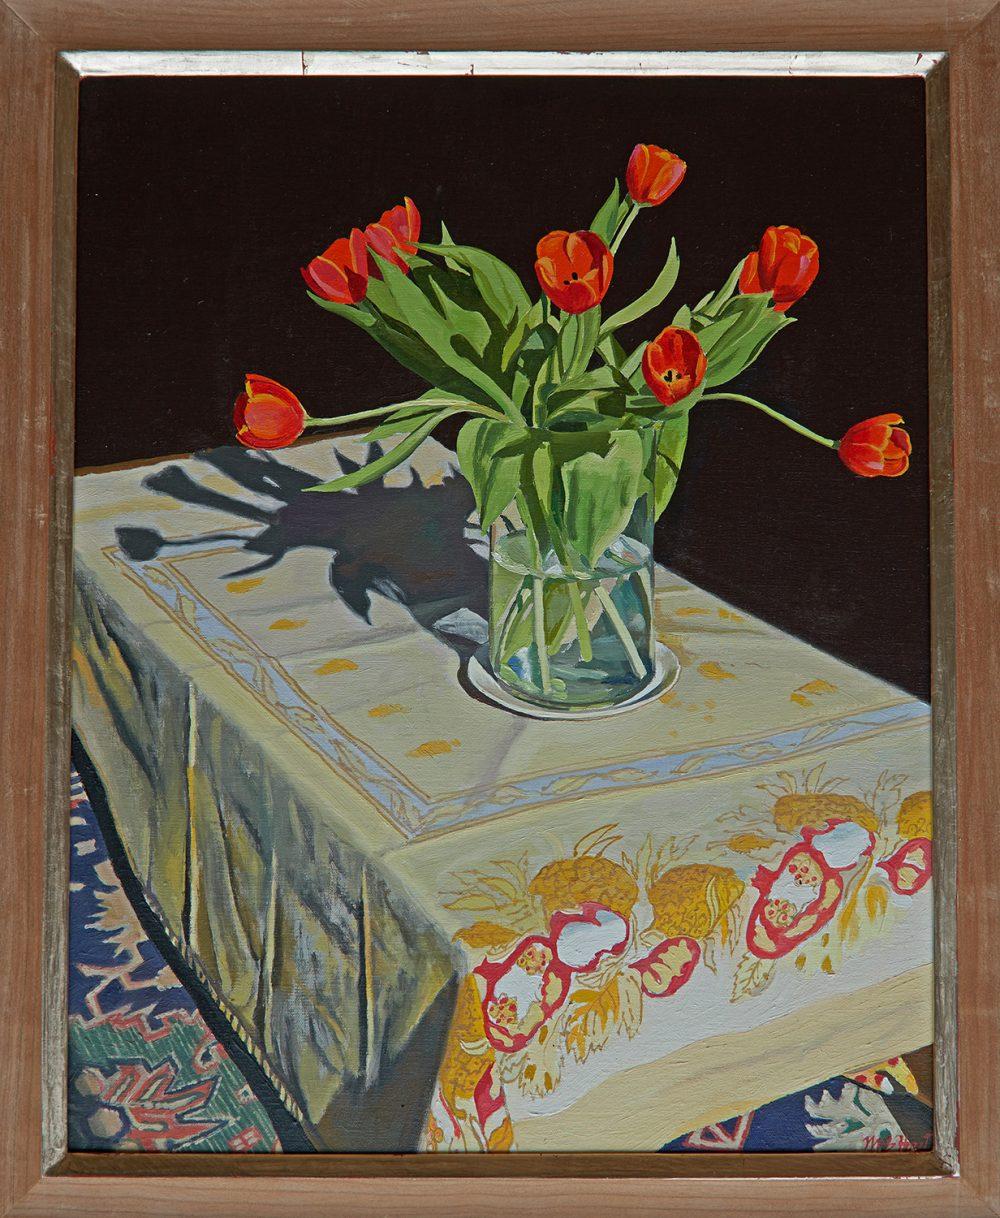 William Hoyt - Tulips